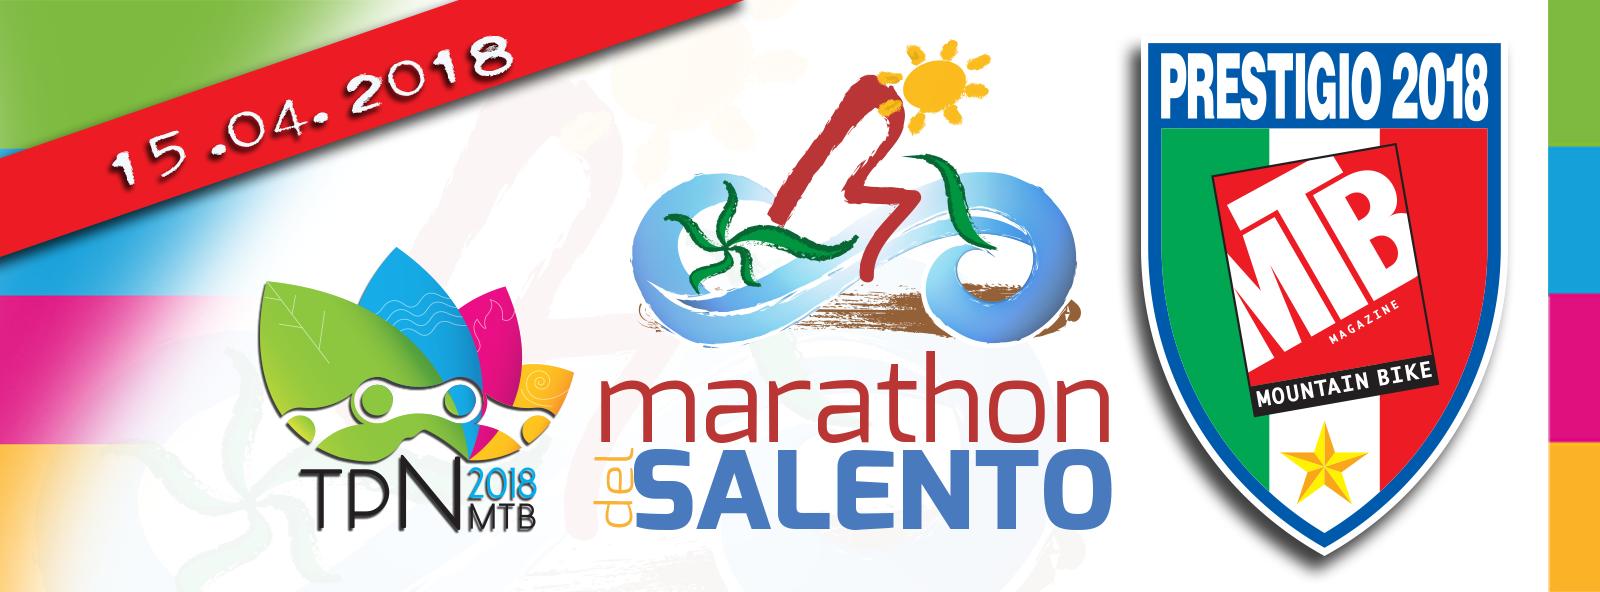 Prestigio Marathon del Salento 2018